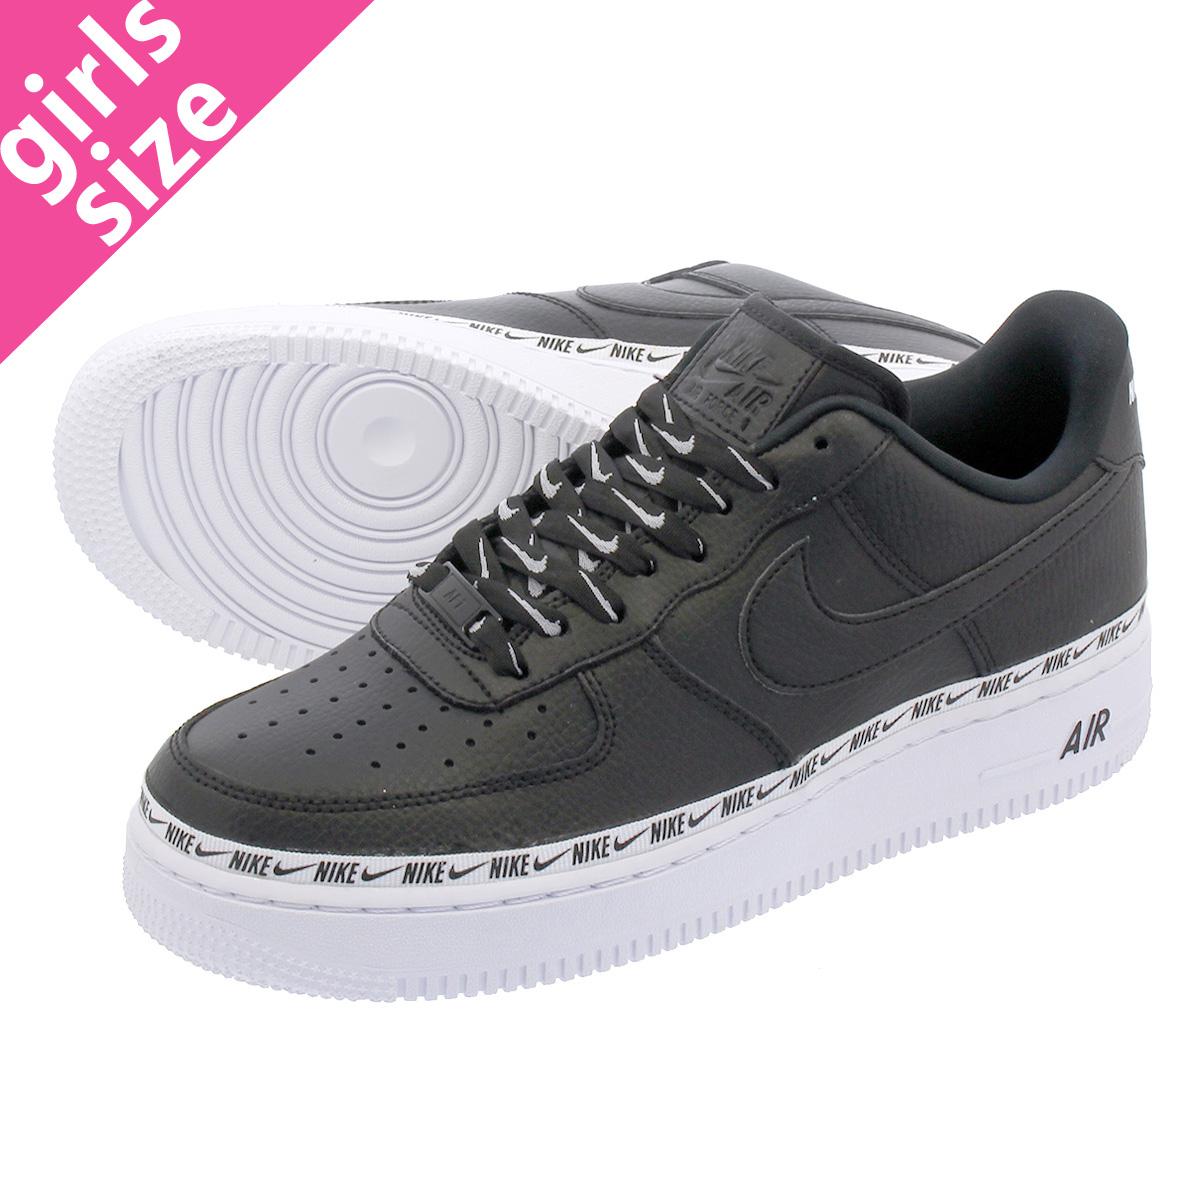 Prm Nike Blackblackwhite '07 Women Air 1 Se Ah6827 Force Wmns 002 5R3LAj4q